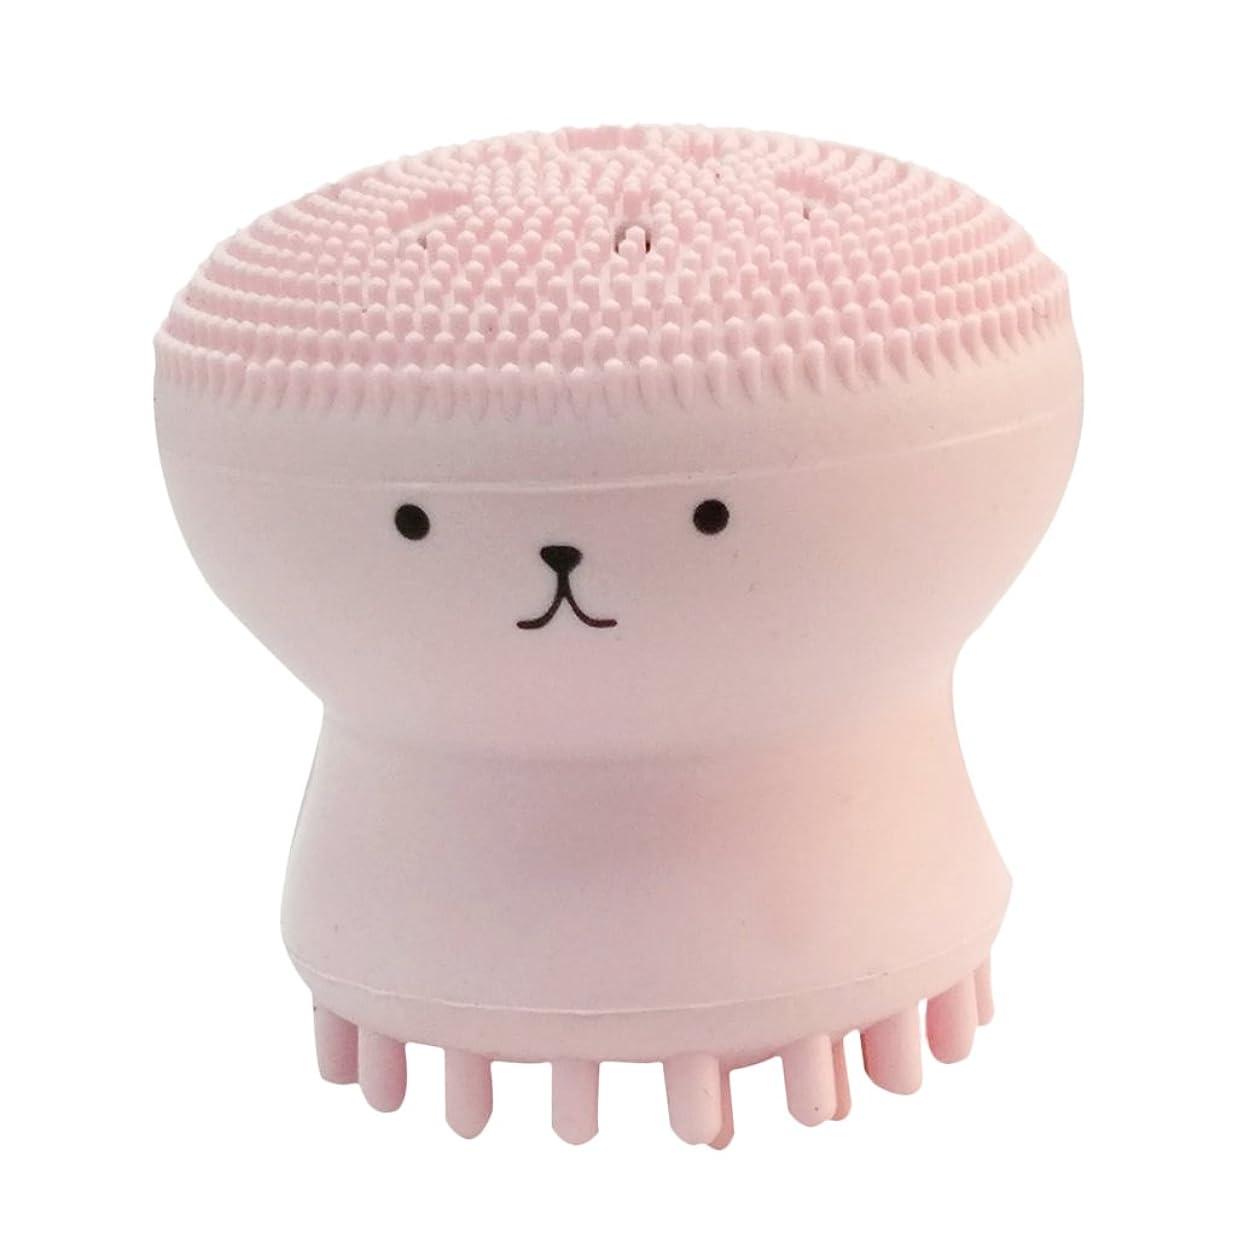 放映対称遠征Kesoto タコ形 洗顔用 クレンジングブラシ シリコーン マッサージブラシ 毛穴清掃用ブラシ スポンジパフ